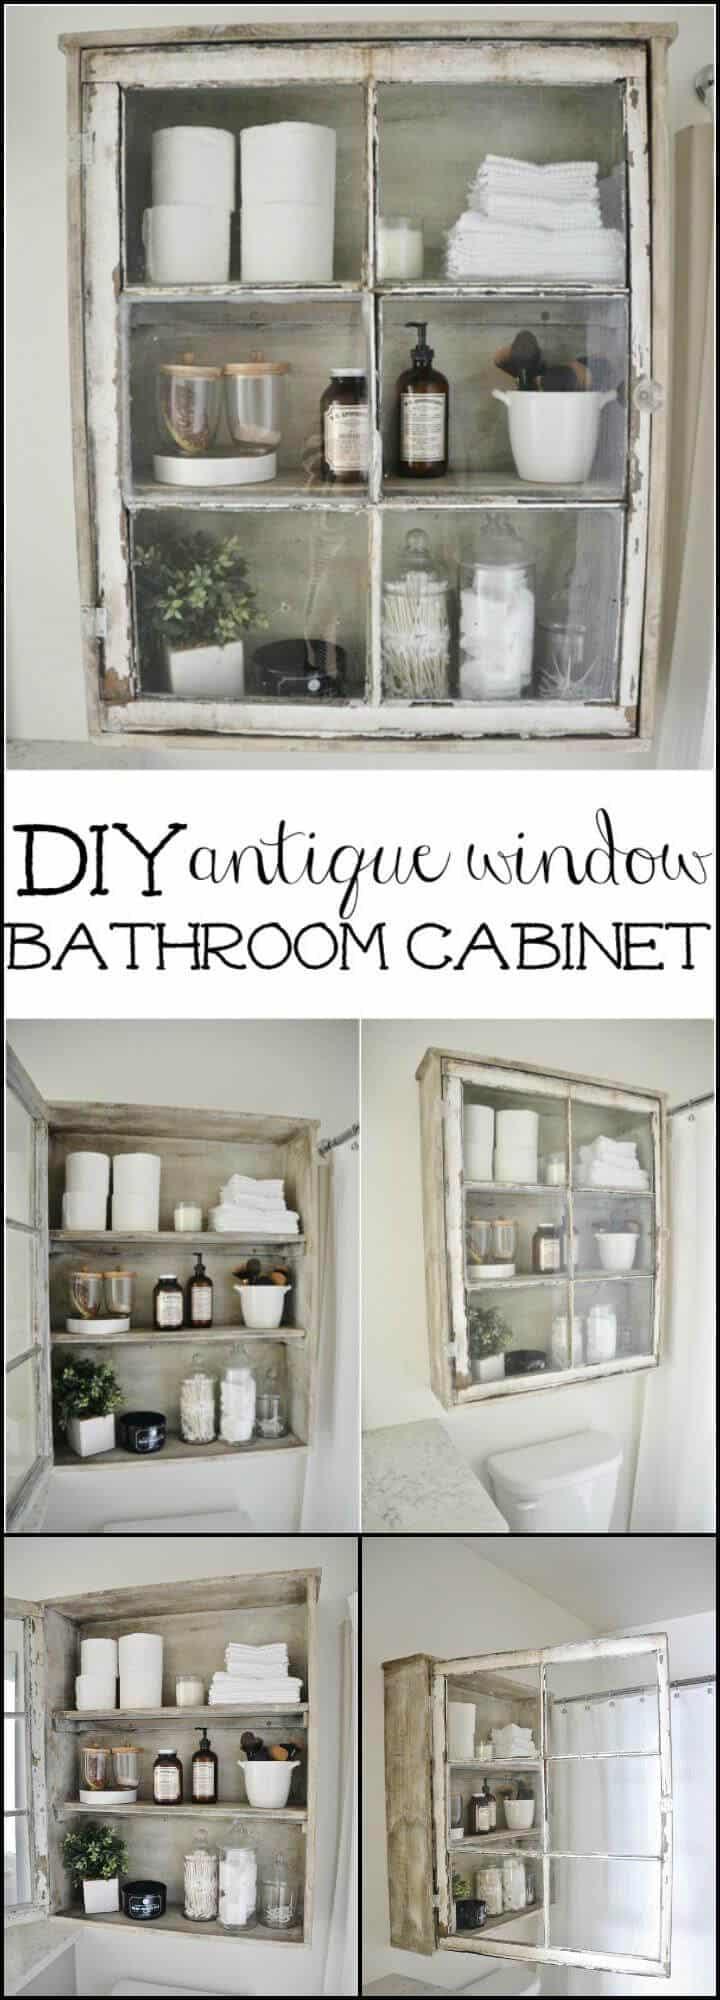 Mueble de baño con ventana vieja reutilizada